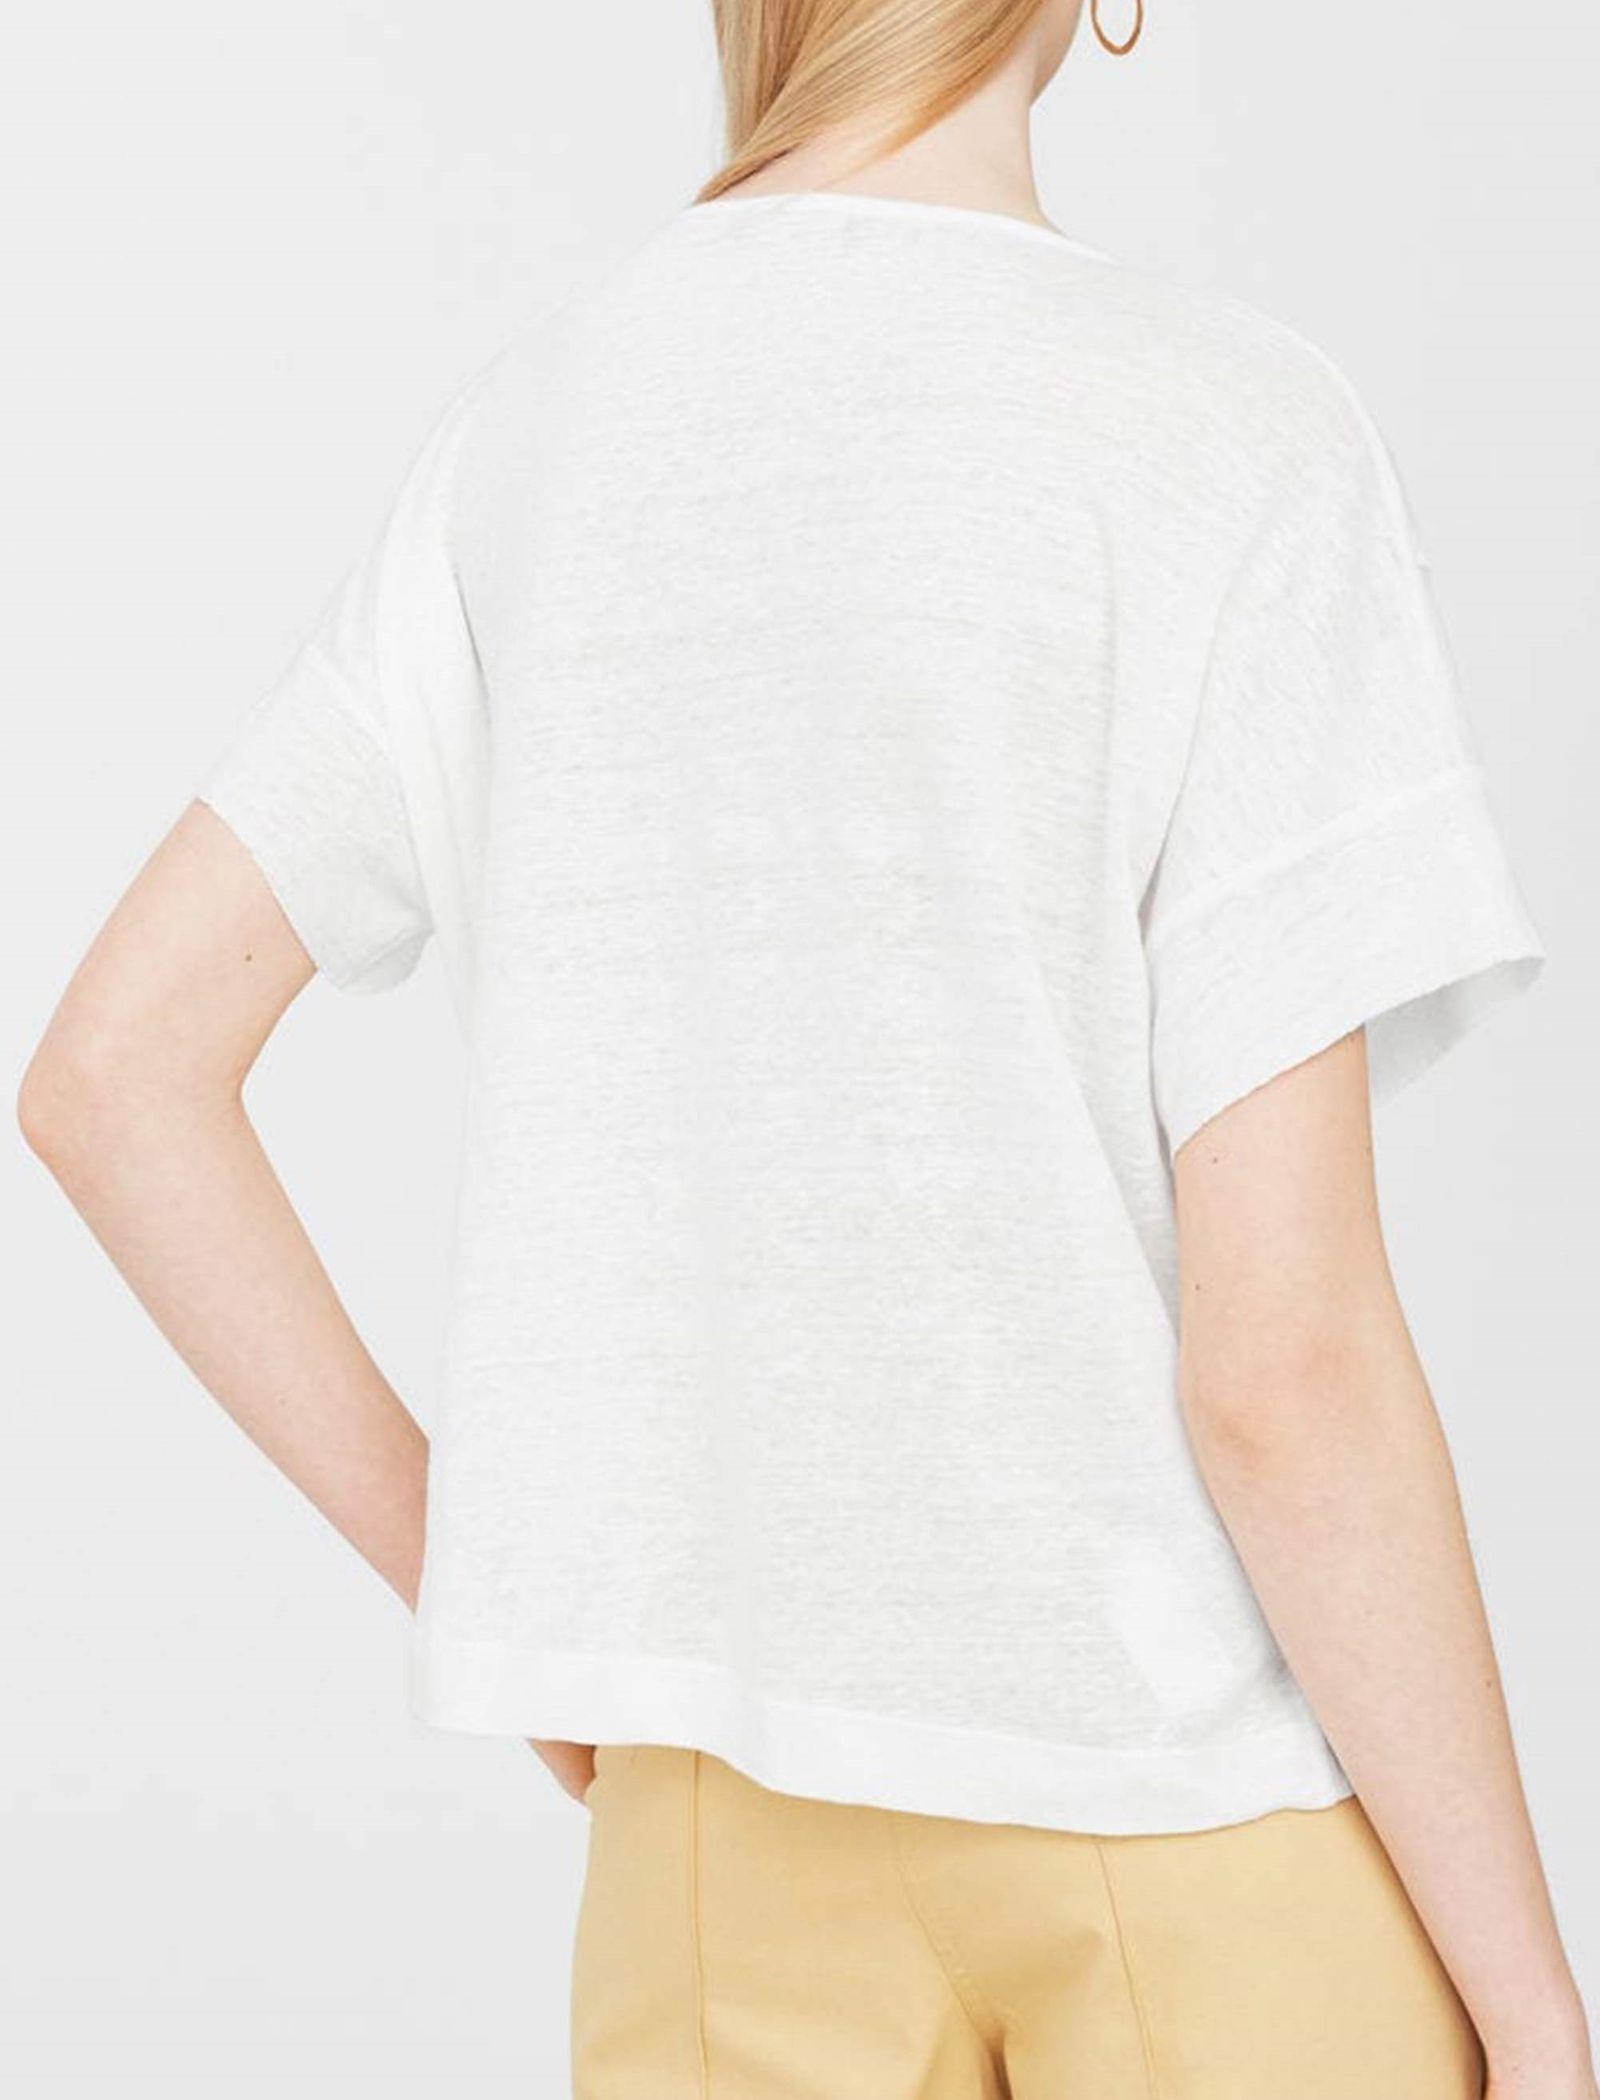 تی شرت یقه گرد زنانه - مانگو - سفيد - 6